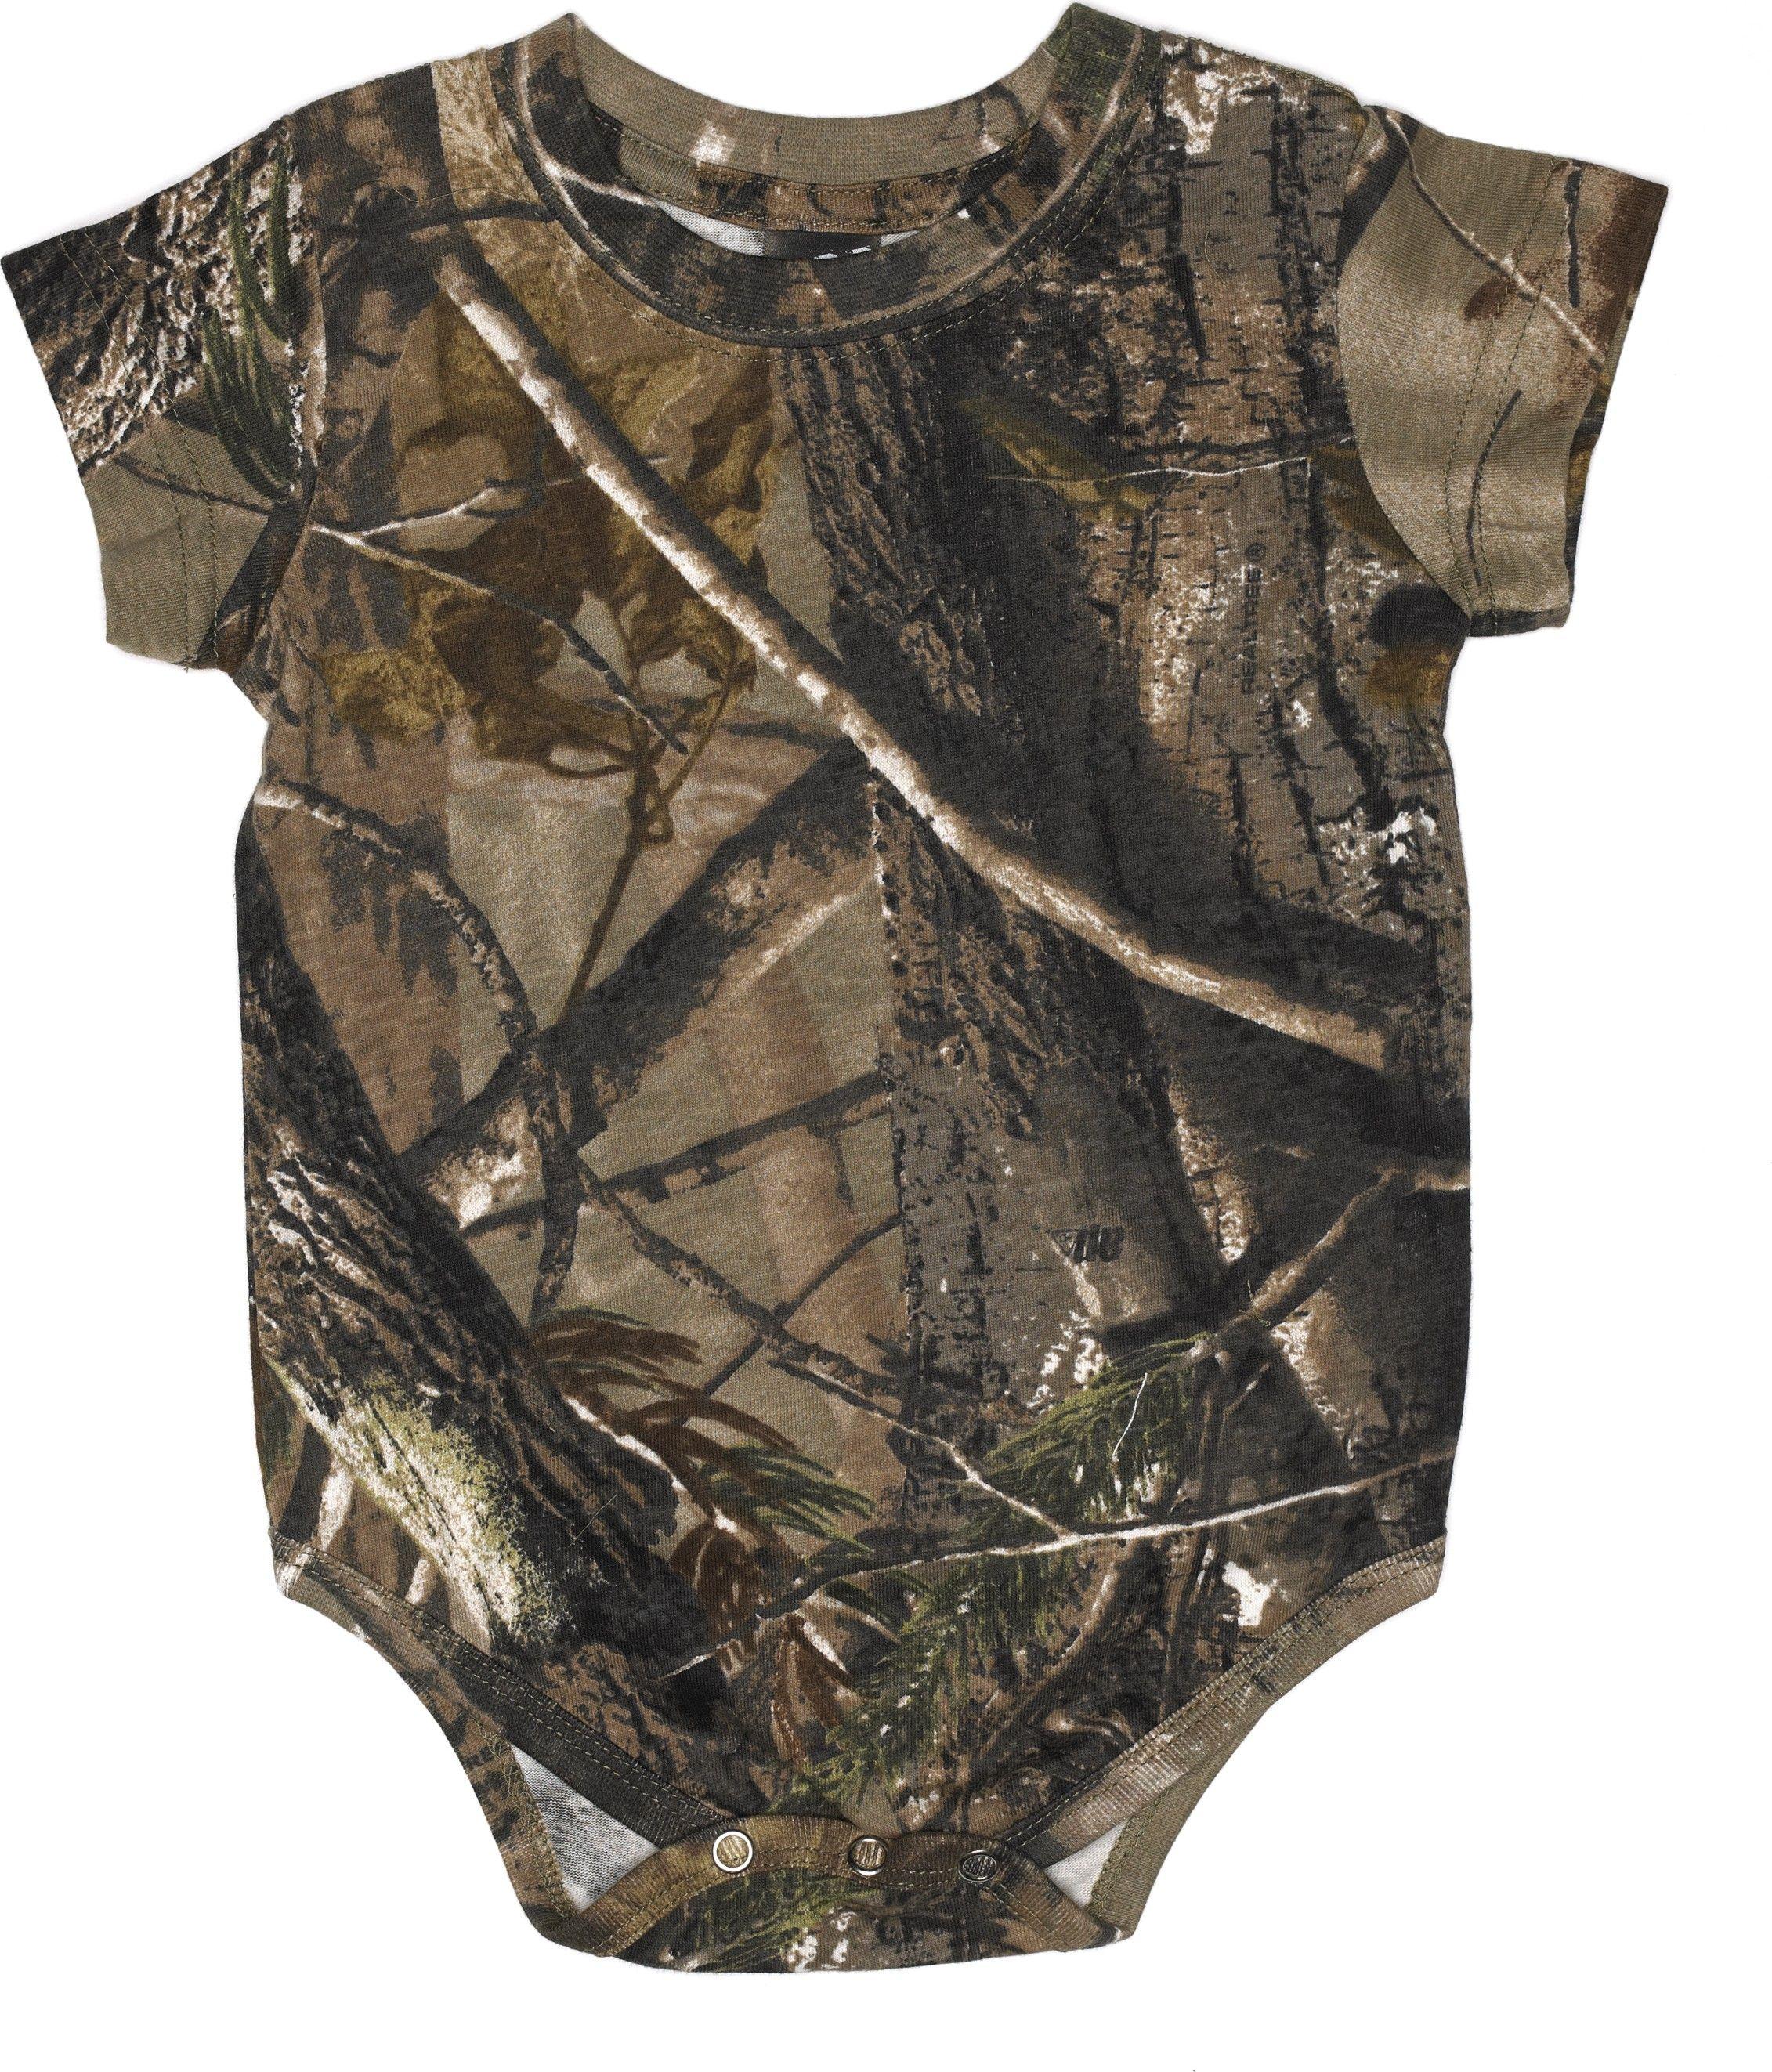 Camo Baby Boy Clothes Realtree Camo Onesie Baby Milano